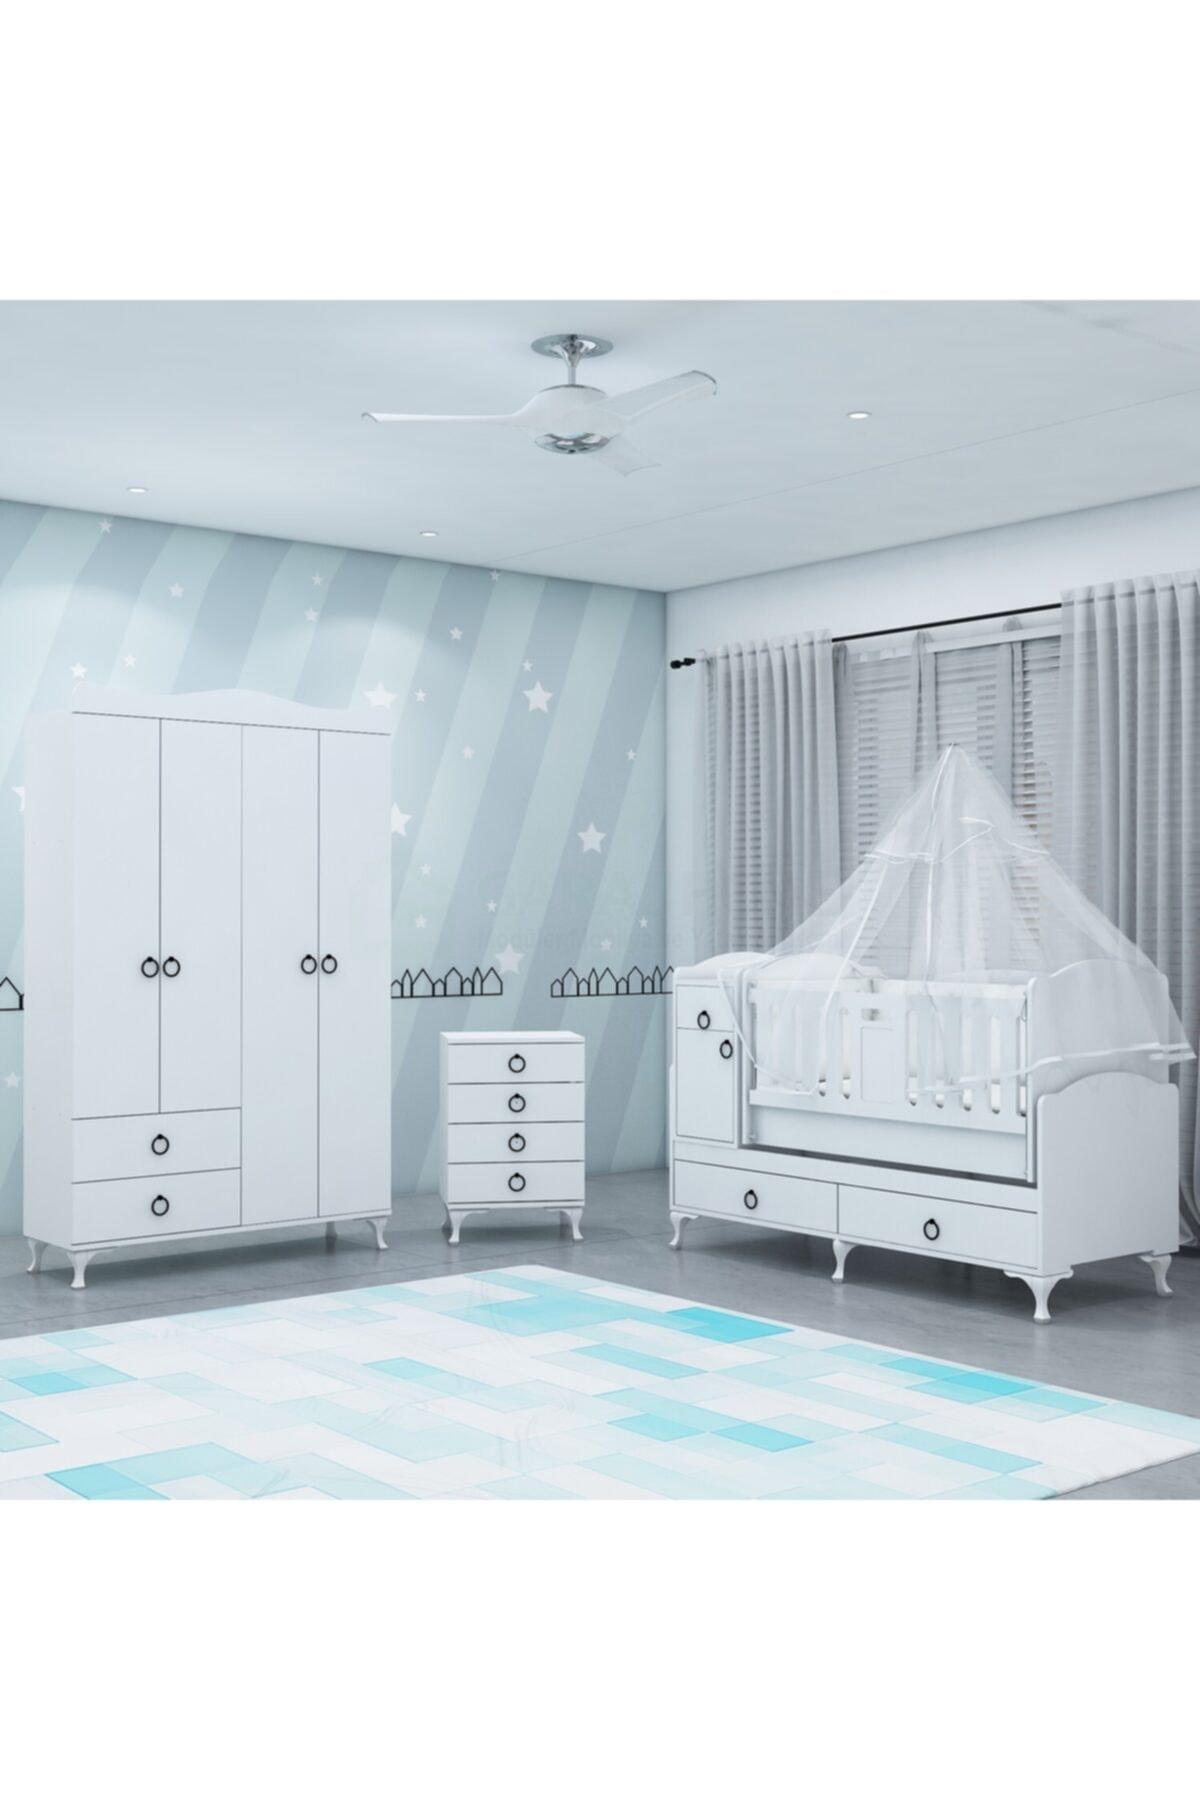 Sude Asansörlü Yıldız 4 Kapaklı Bebek Odası Takımı - Yatak Ve Uyku Seti Kombinli- Uykuseti Beyaz